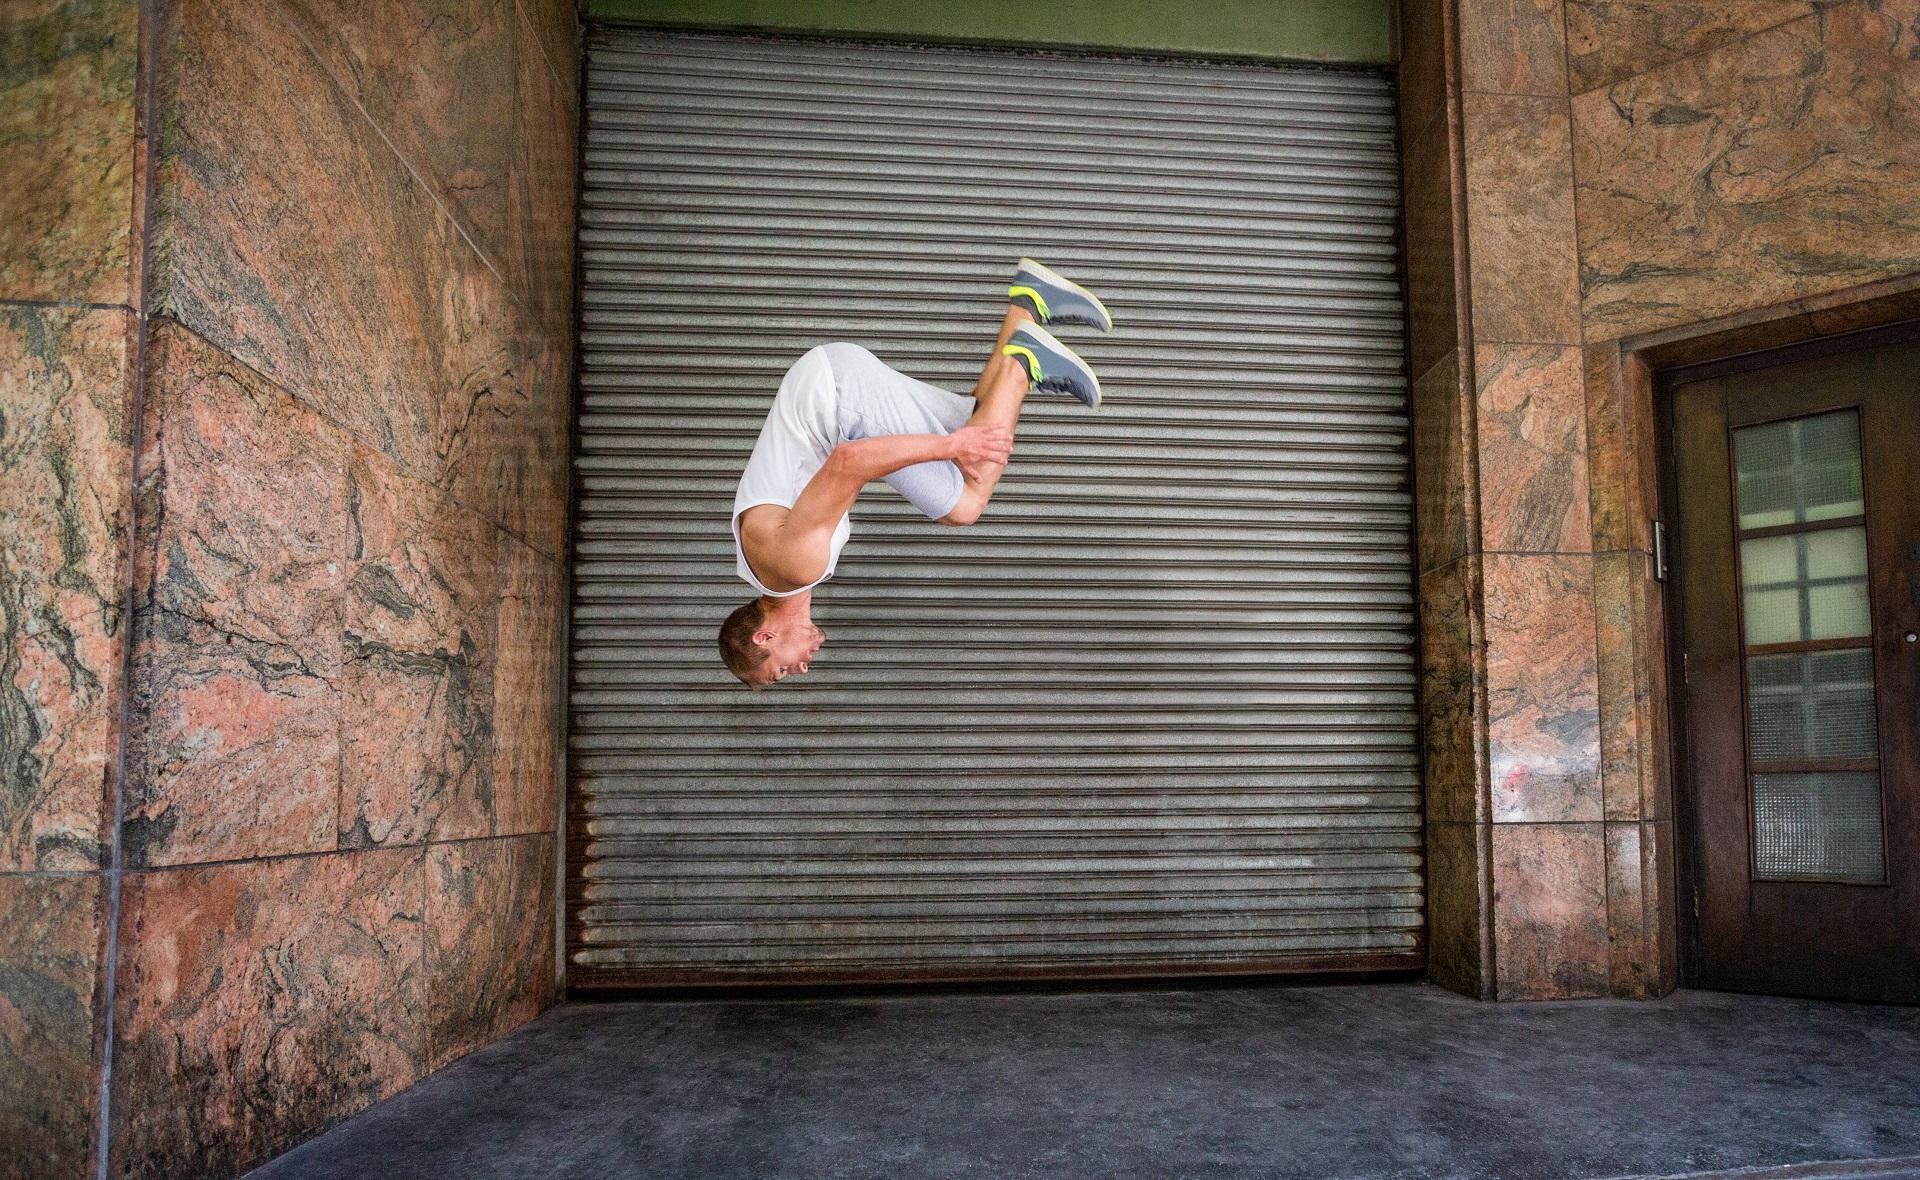 Taller d'habilitats acrobàtiques 23/1